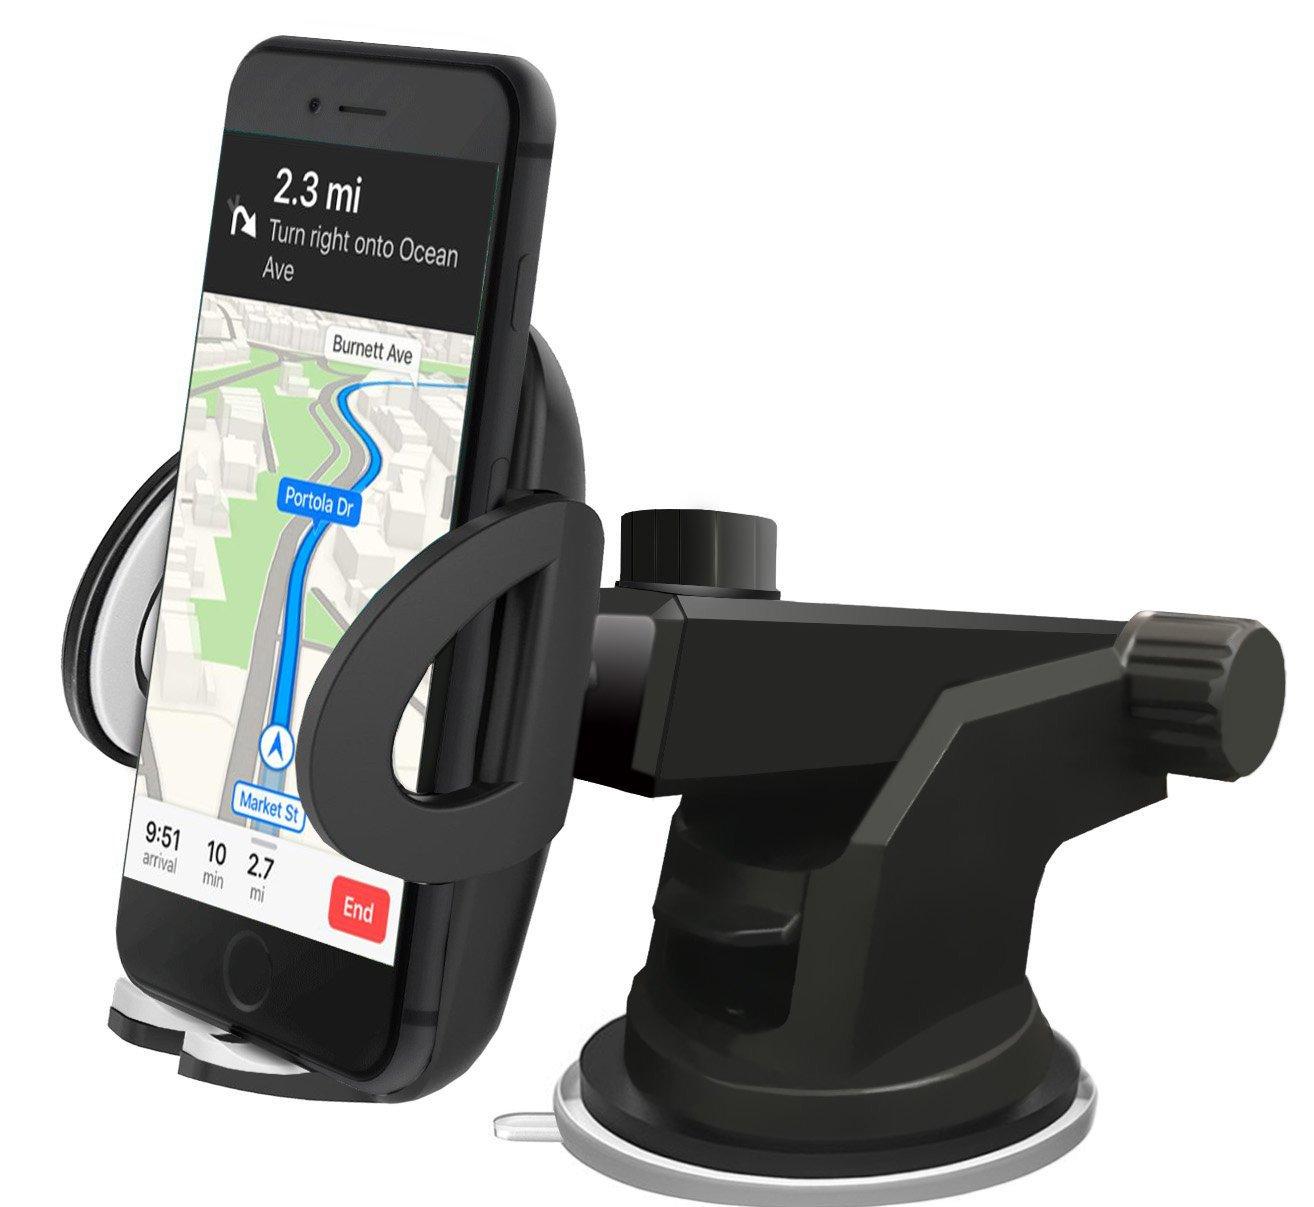 [Super Fest] iAmotus Handyhalterung Auto 360 °Rotatable kfz handy halterung mit Gel-Saugnapf und Einstellbarer Teleskoparm Unterstützung for Galaxy S8 S7 edge S6 Edge iPhone X 8 7 6s 6 plus Smartphones Universal [Multifunktions]